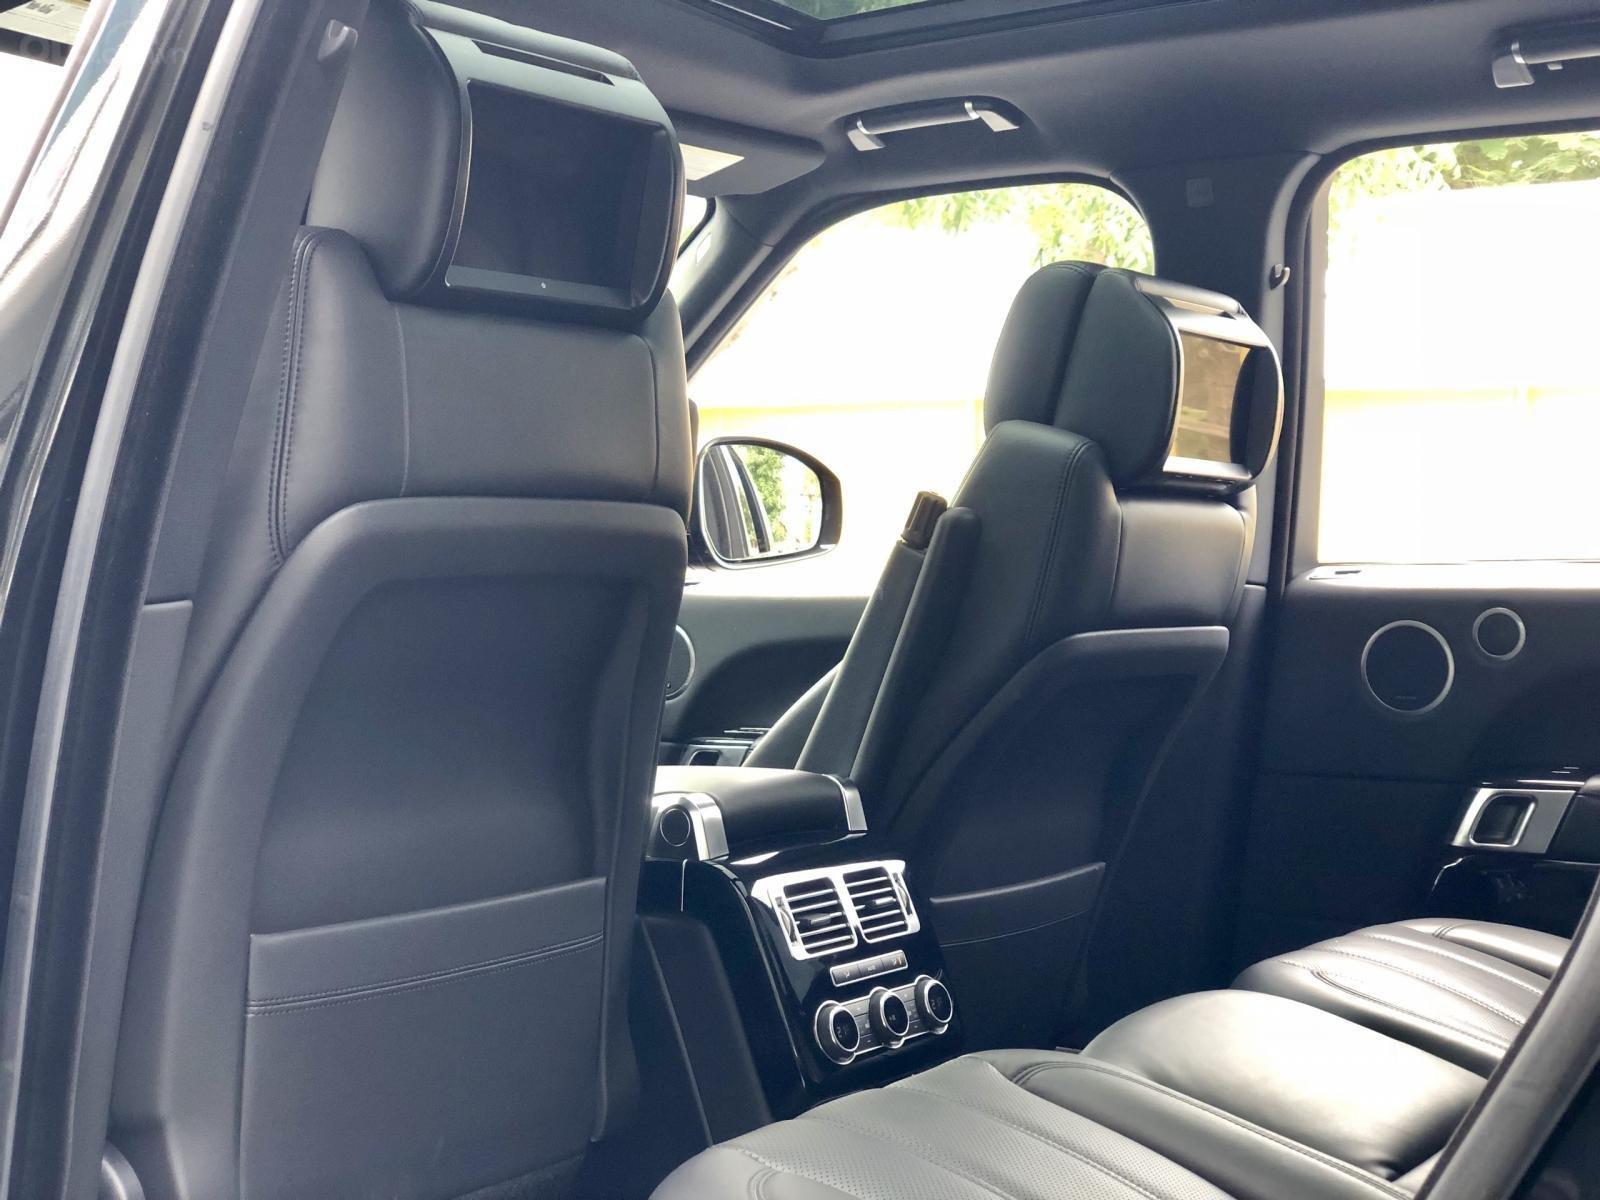 Bán LandRover Range Rover HSE sản xuất 2015, tên công ty xuất hóa đơn, LH Mr Huân 0981010161 (12)